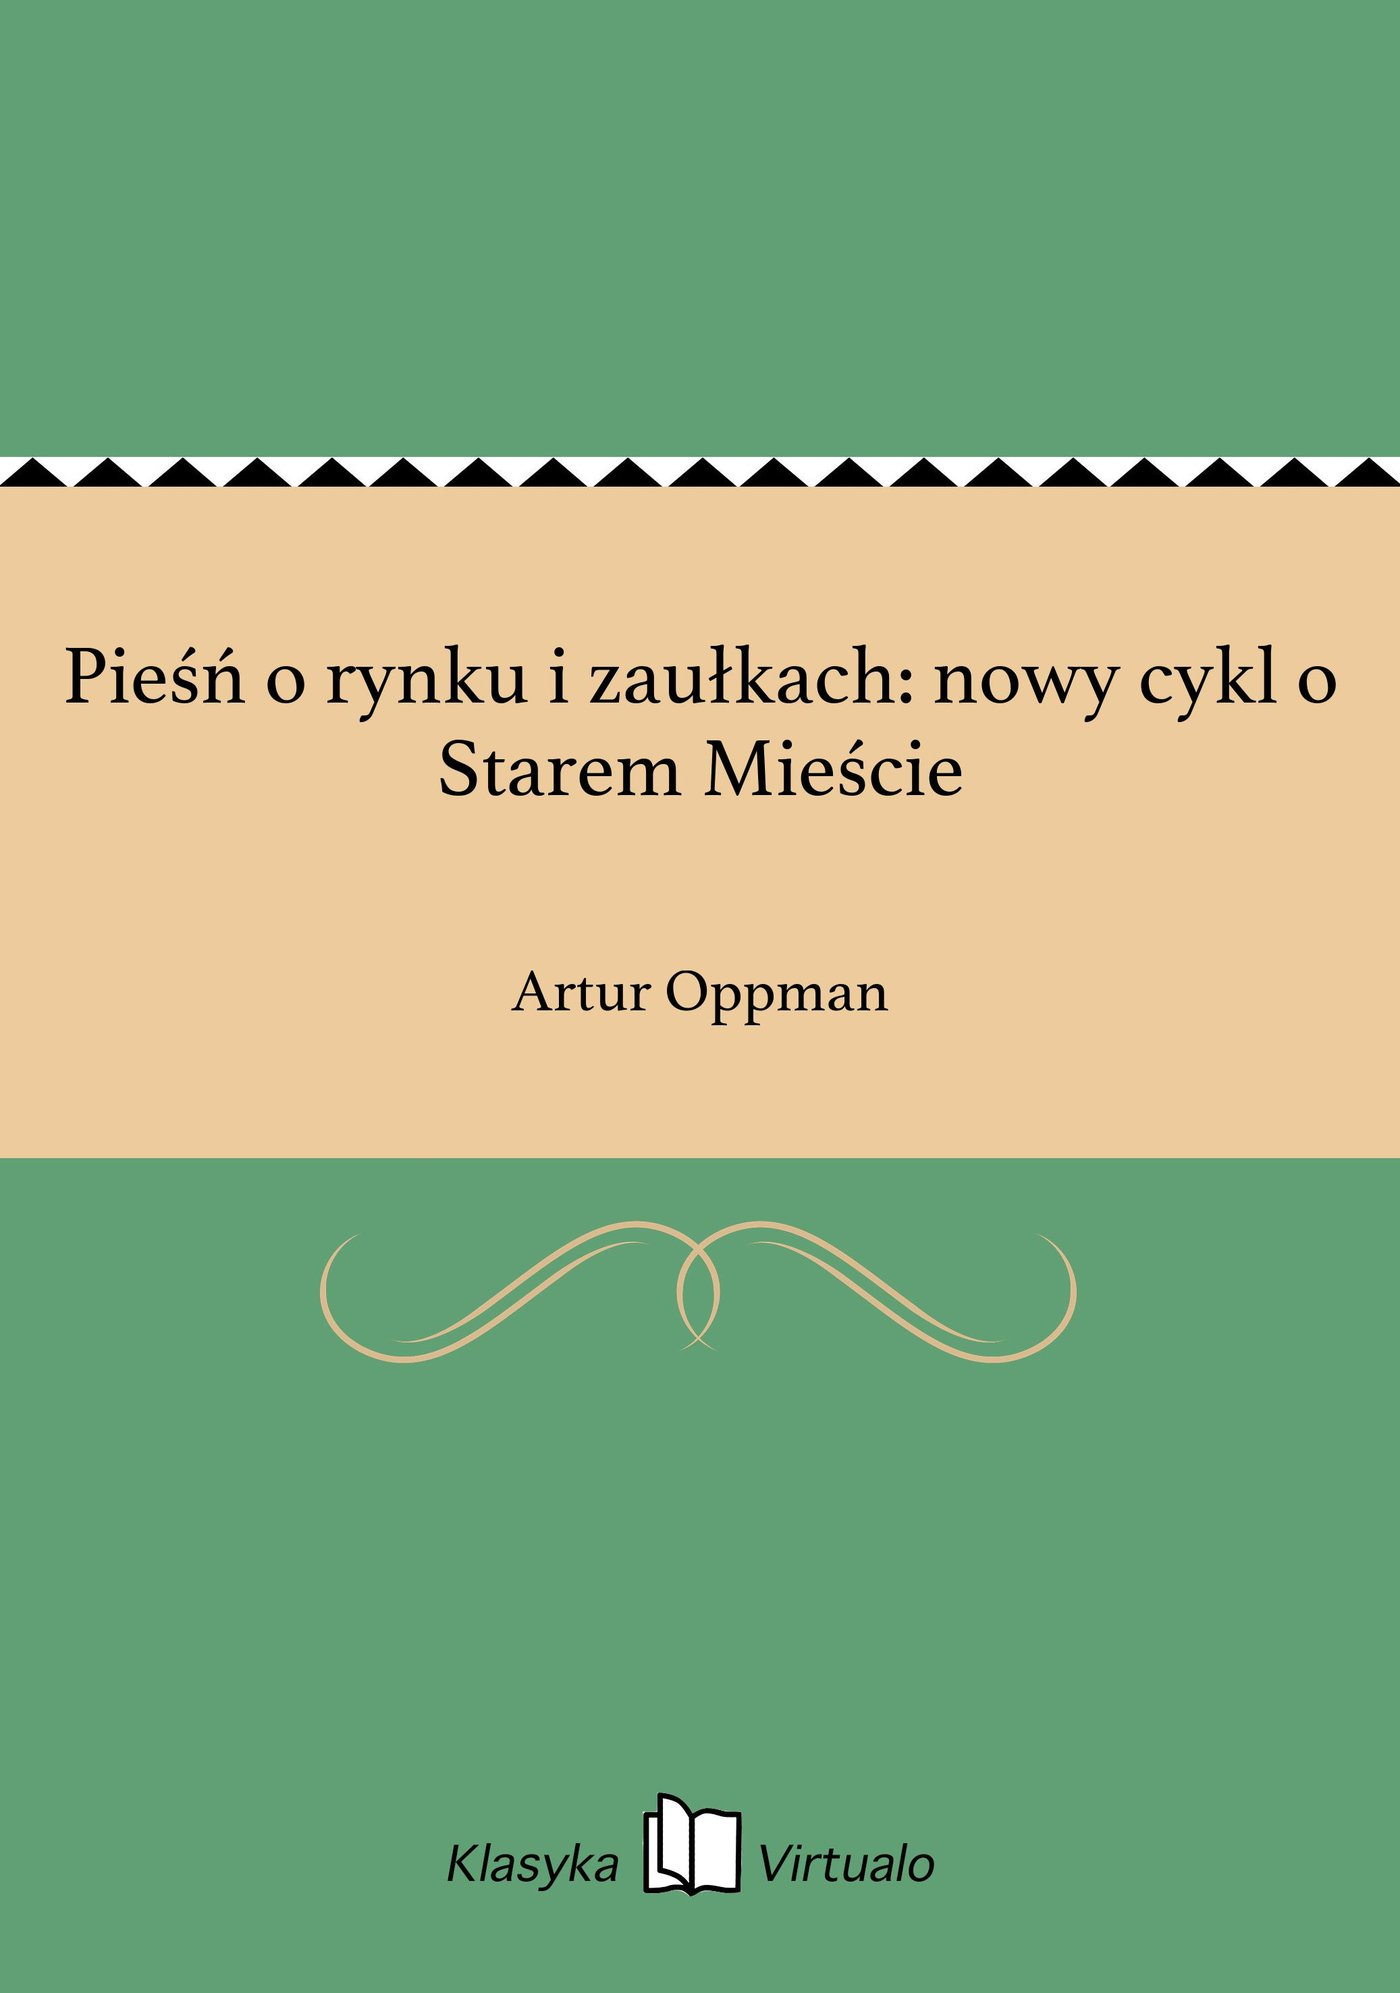 Pieśń o rynku i zaułkach: nowy cykl o Starem Mieście - Ebook (Książka na Kindle) do pobrania w formacie MOBI